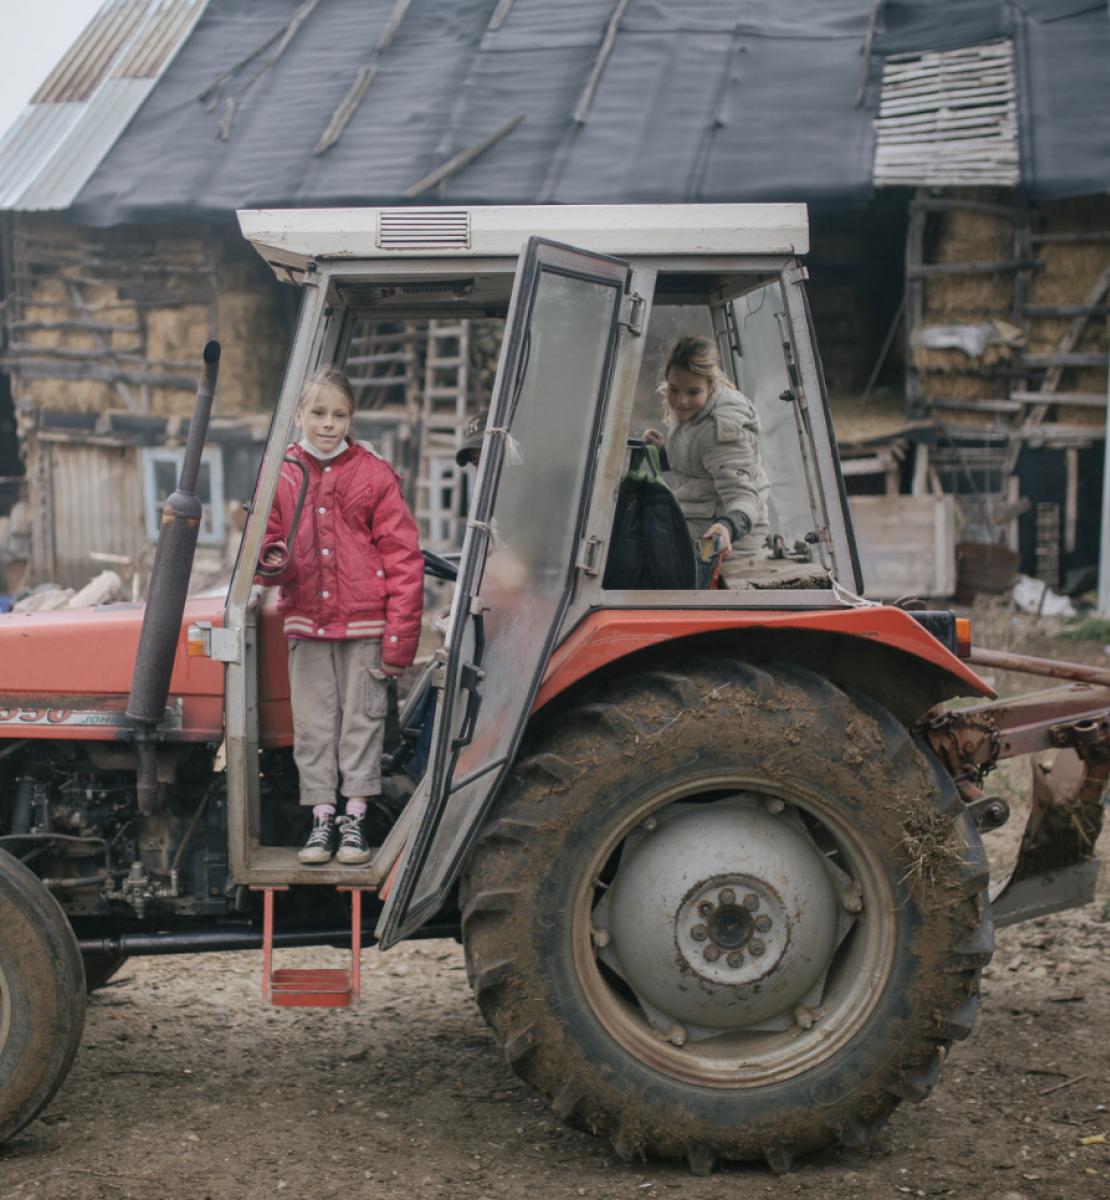 Dans une ferme, deux fillettes sont à bord d'un tracteur en panne.